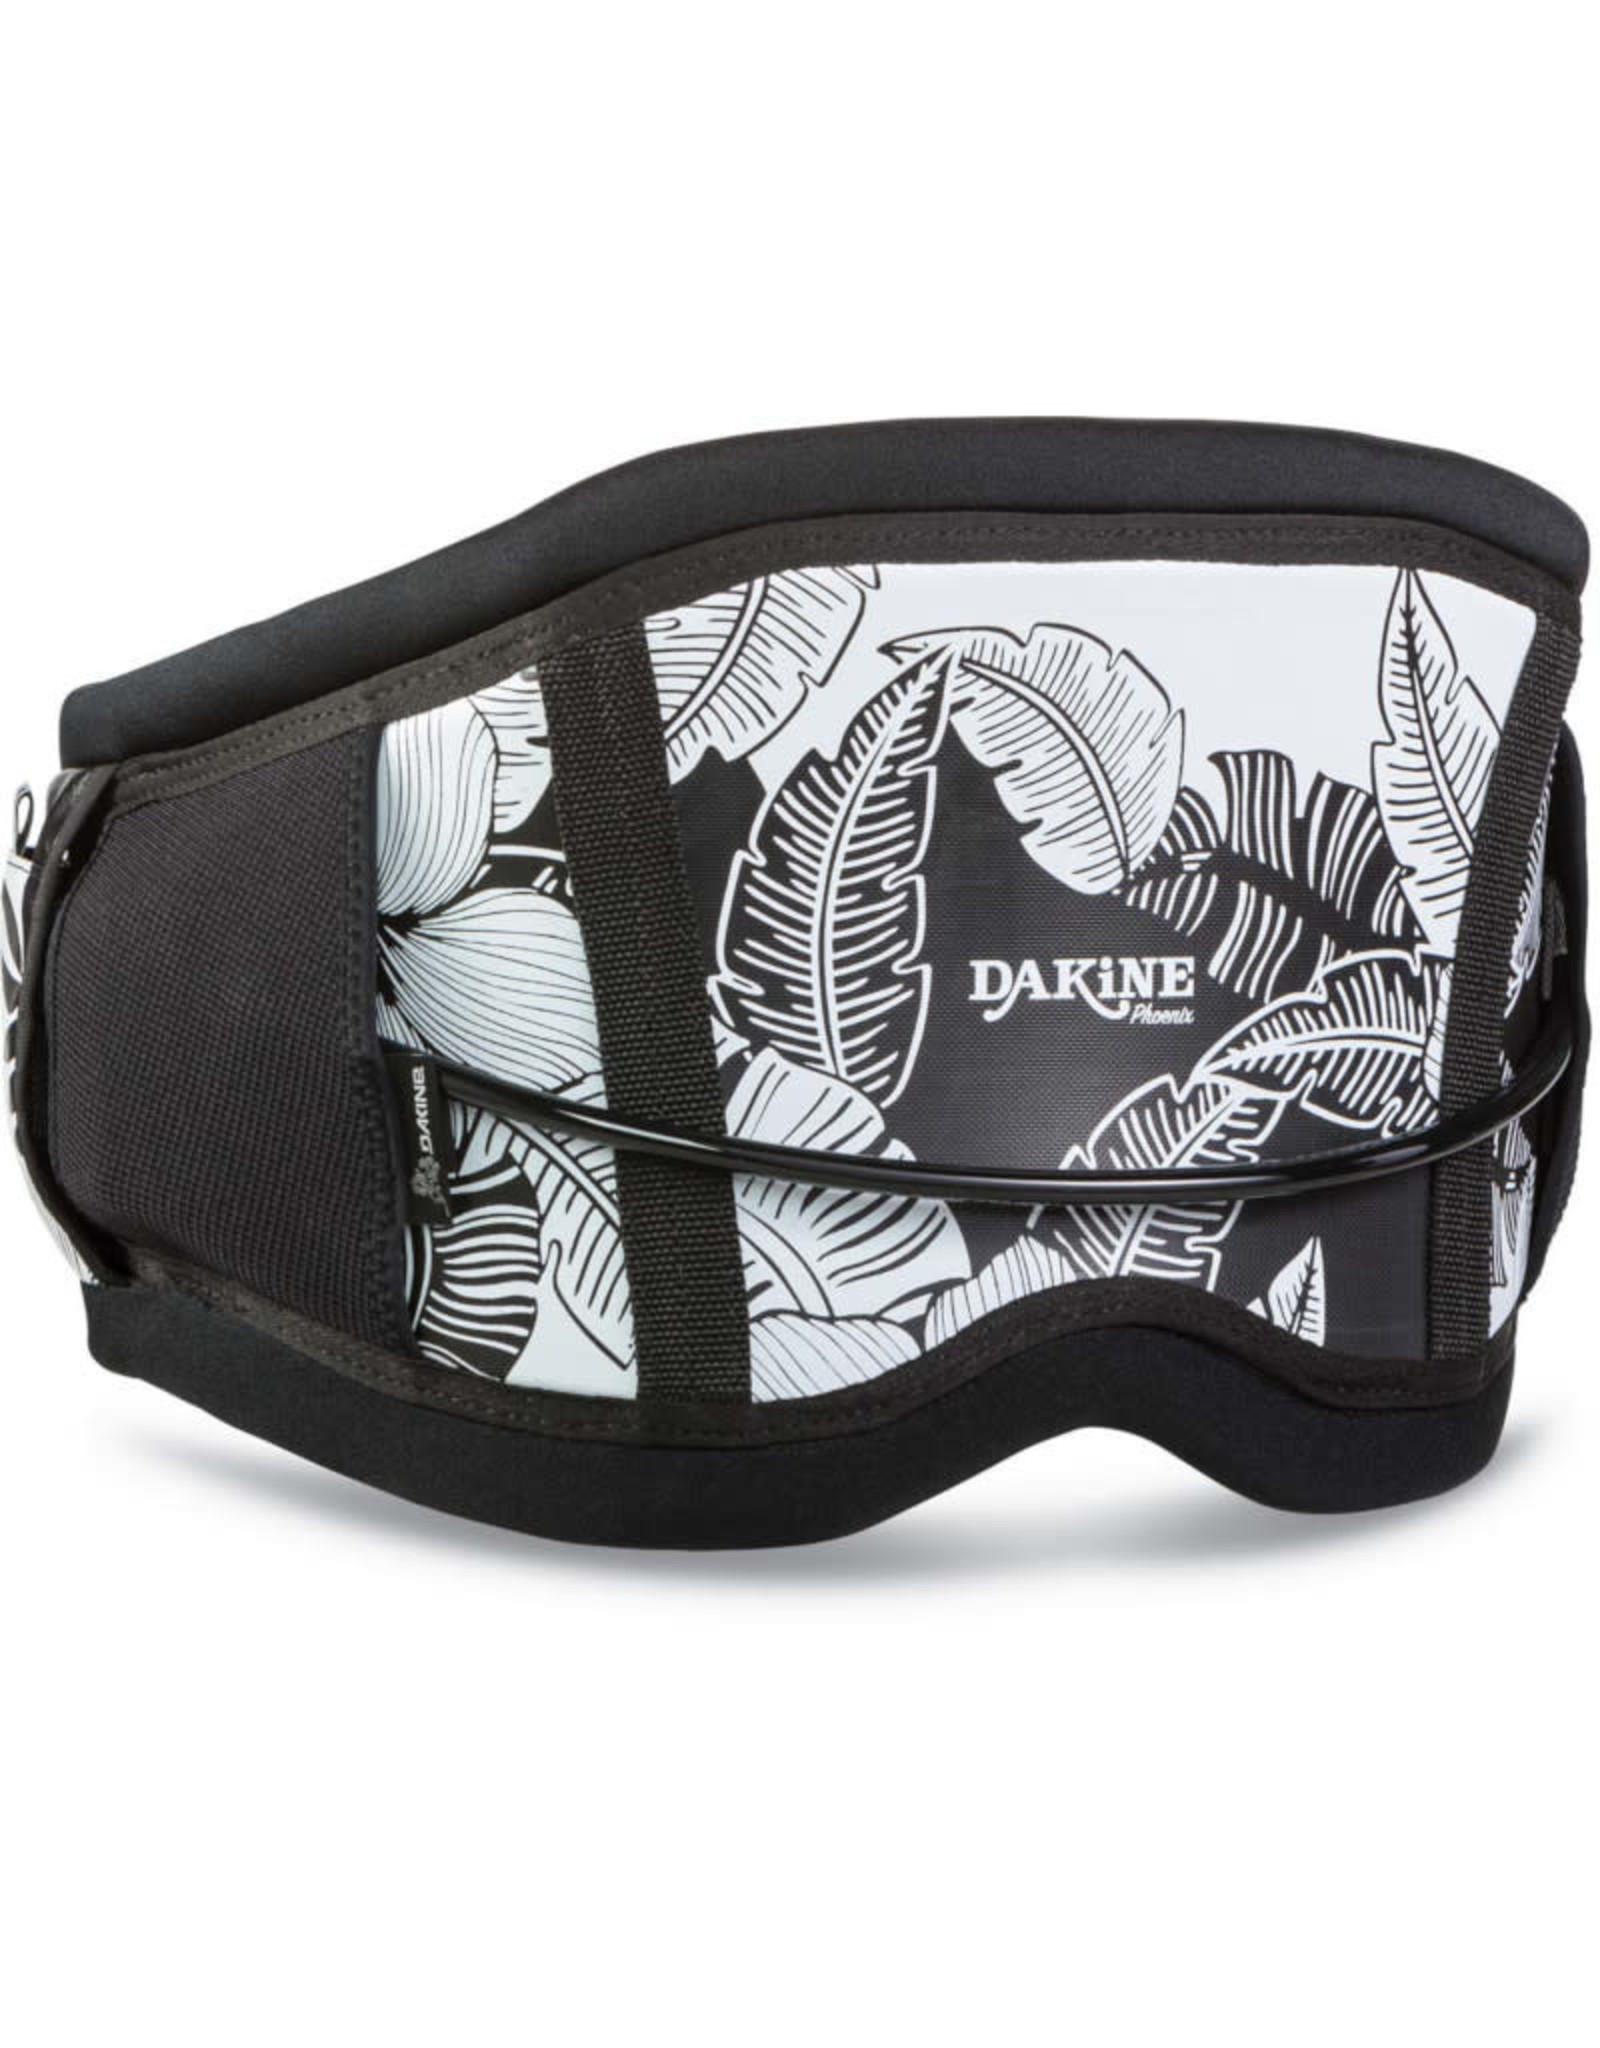 Dakine Dakine Phoenix Harness Palm